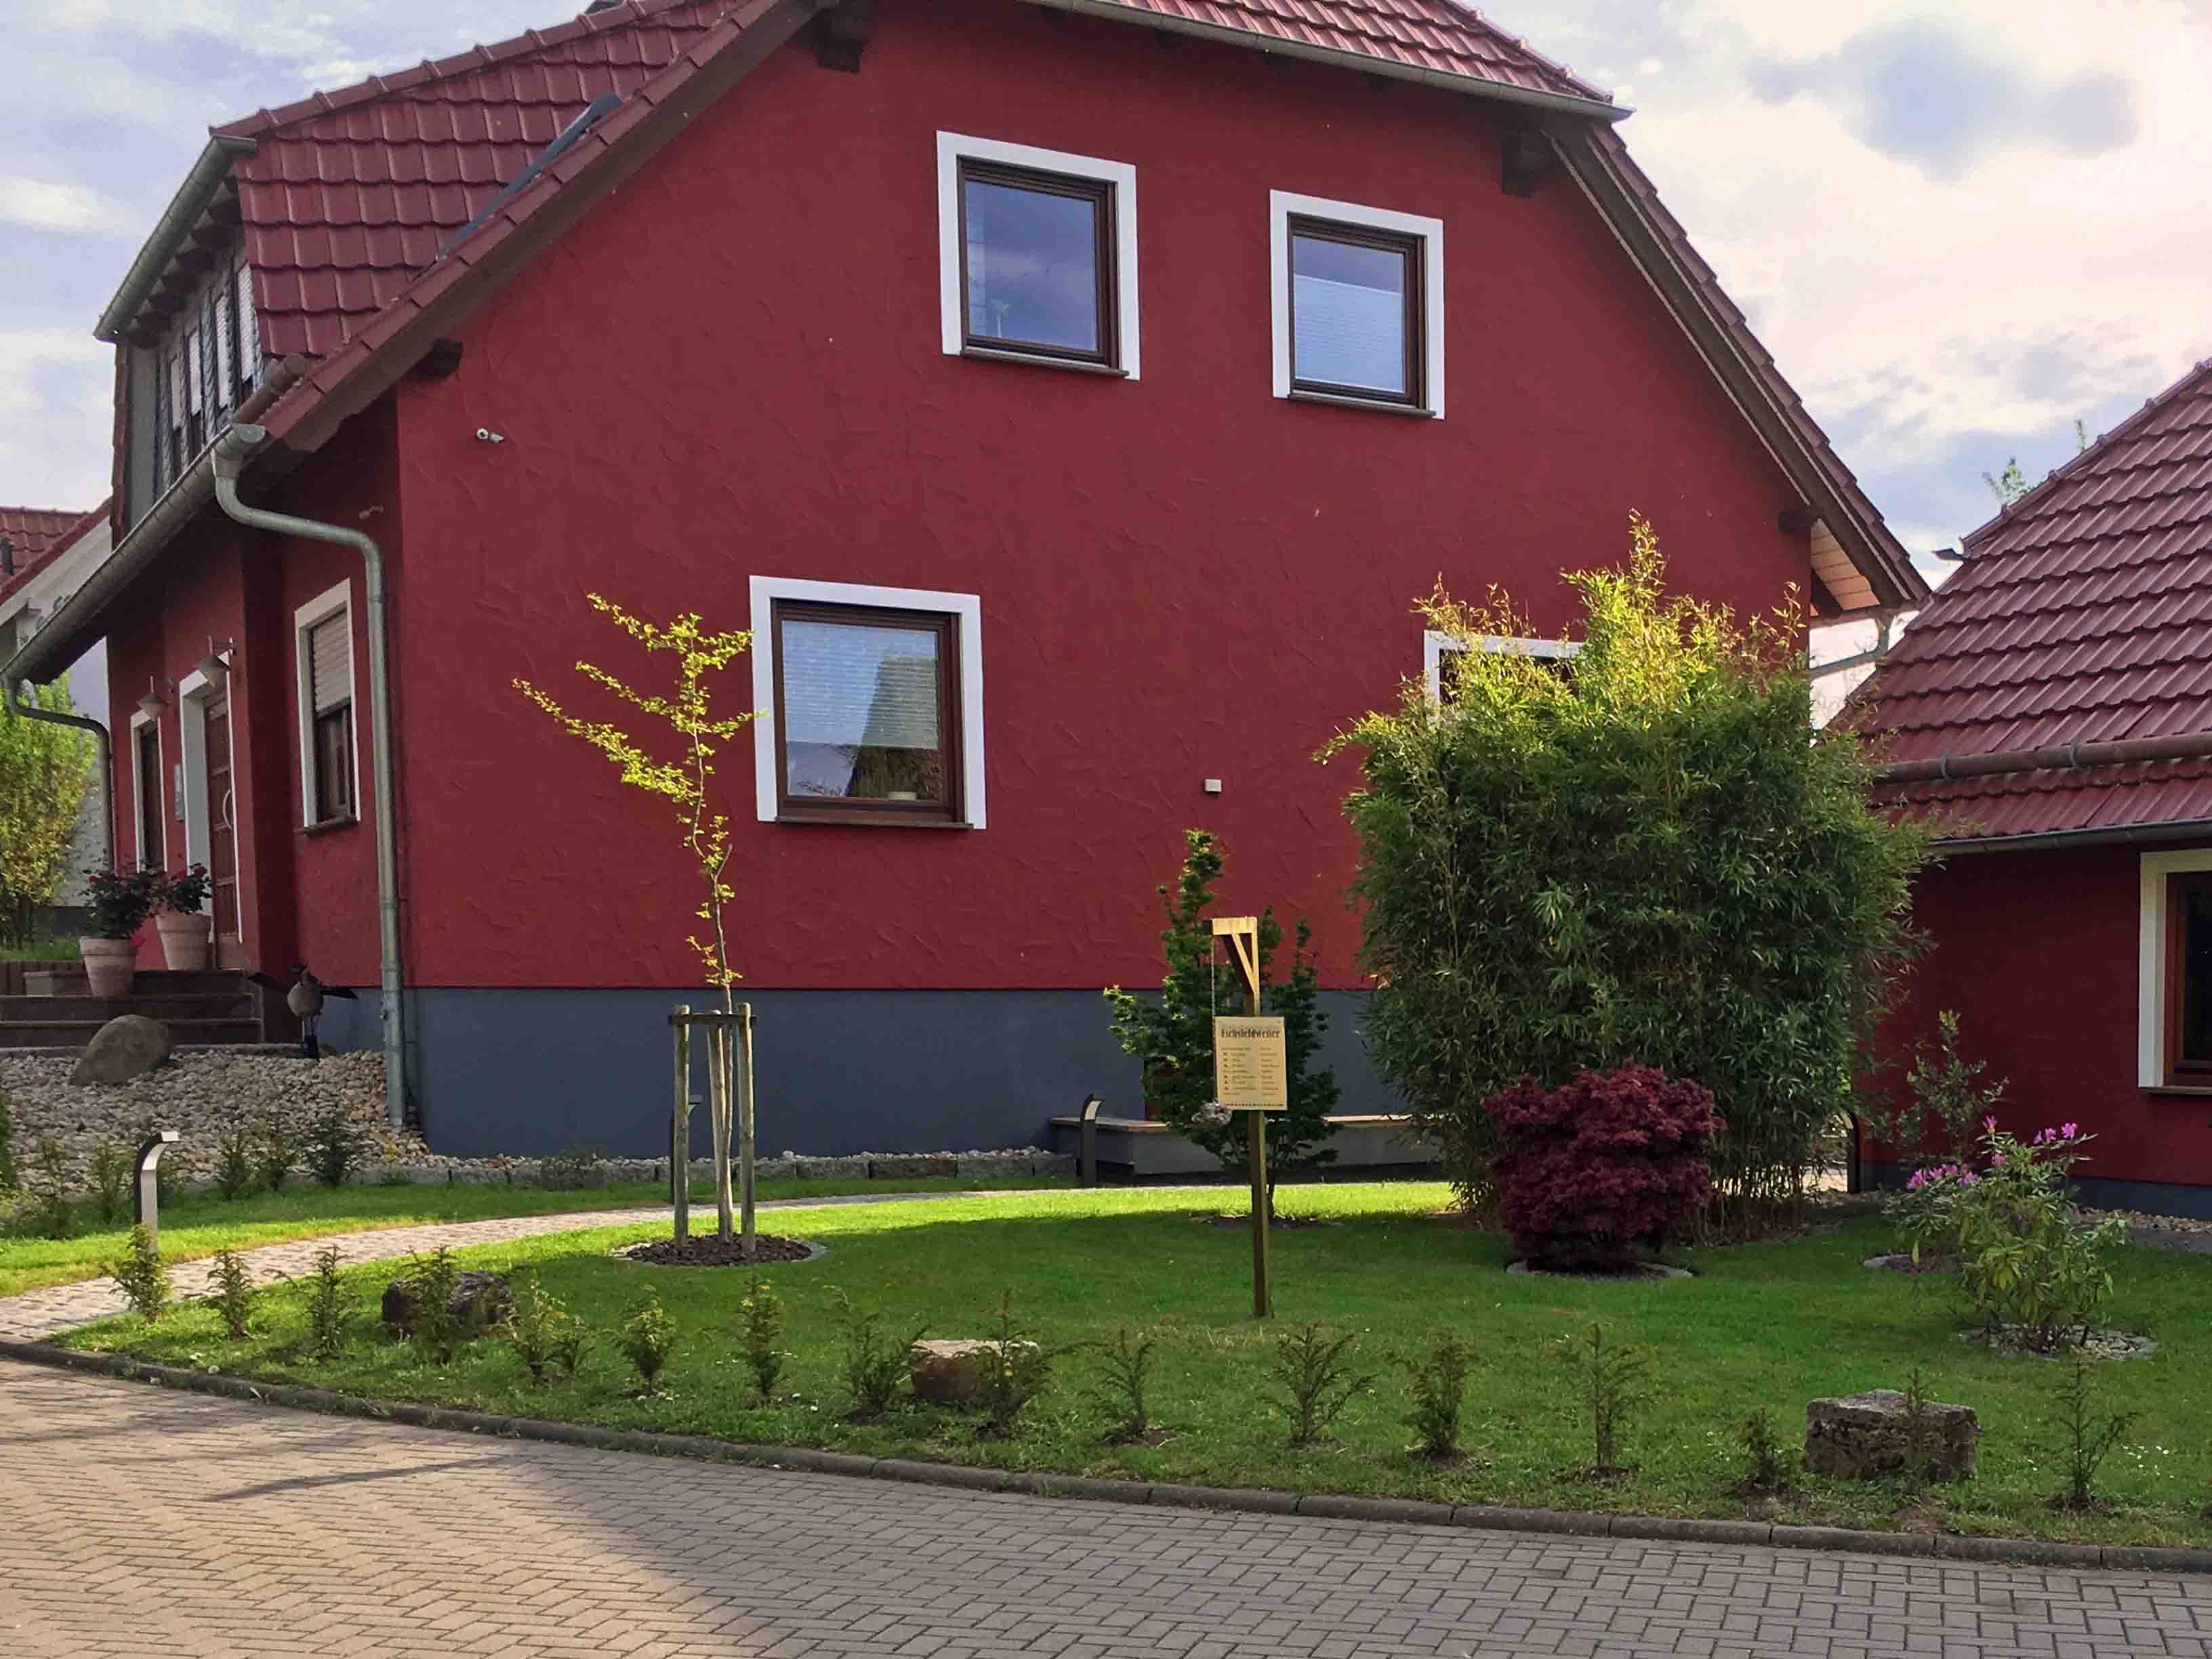 Box Startseite Pension - Ferienwohnung im Eichsfeld